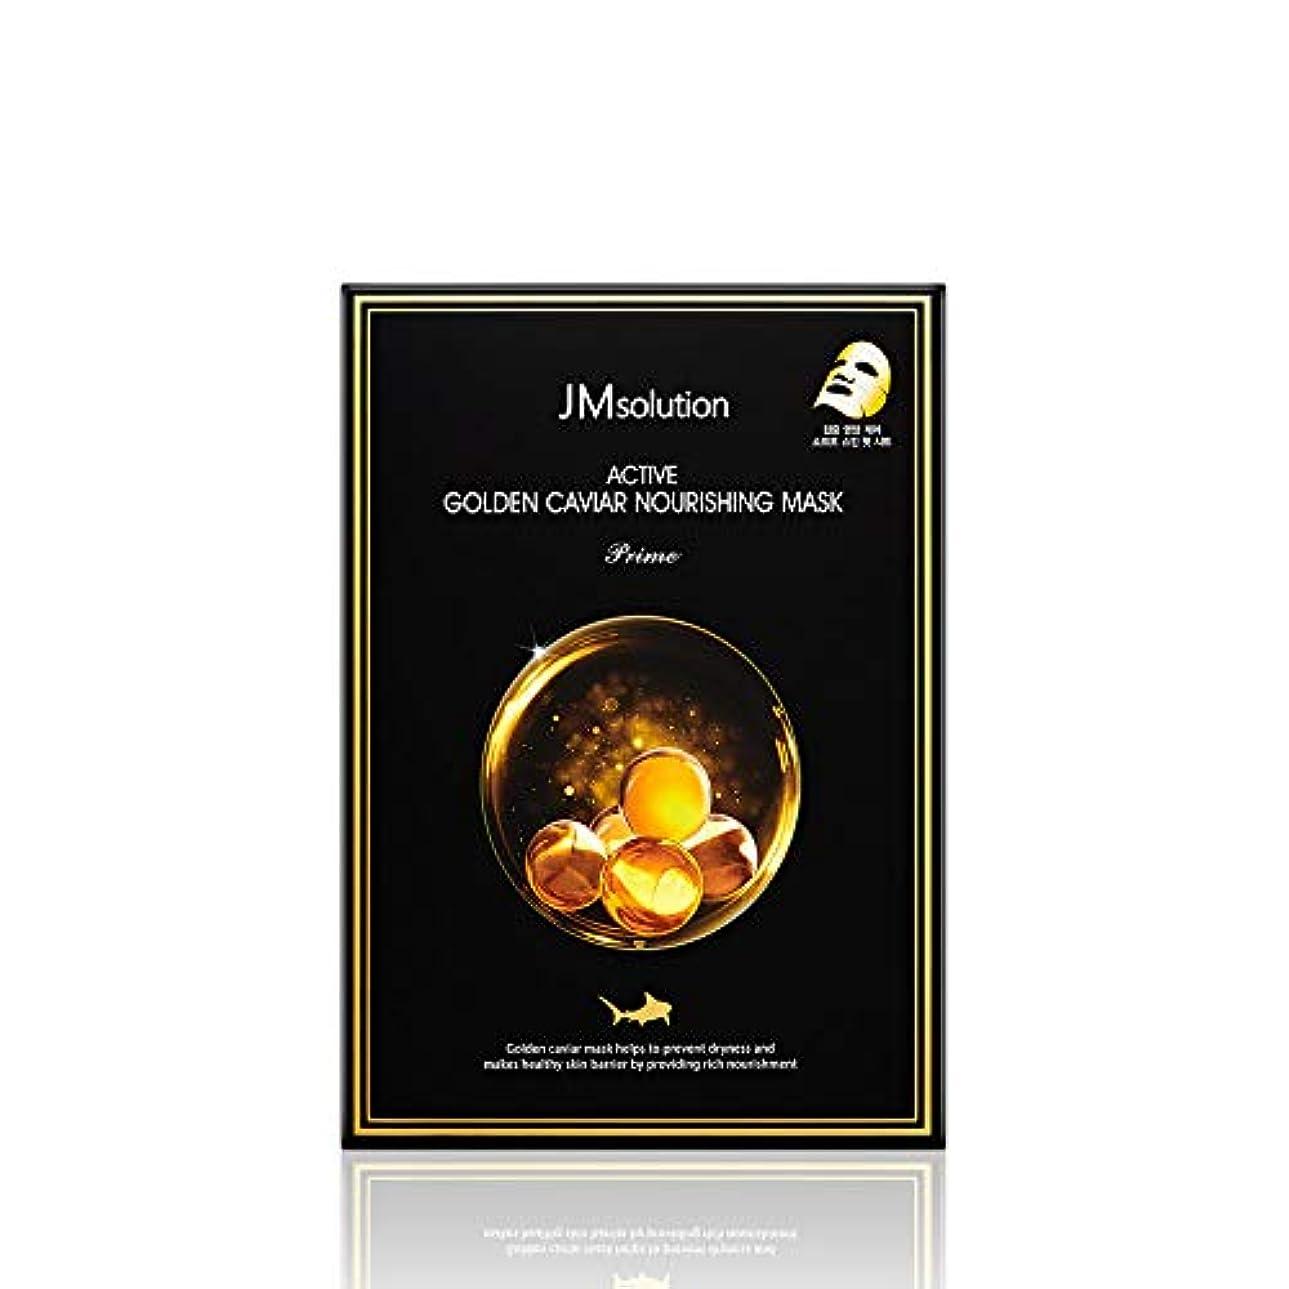 太平洋諸島ホラー生産的JMソリューション(JM Solution) 乾燥肌のためのアクティブゴールデンキャビア栄養マスクプライム 30mlx10P / Active Golden Caviar Nourishing Mask Prime For...